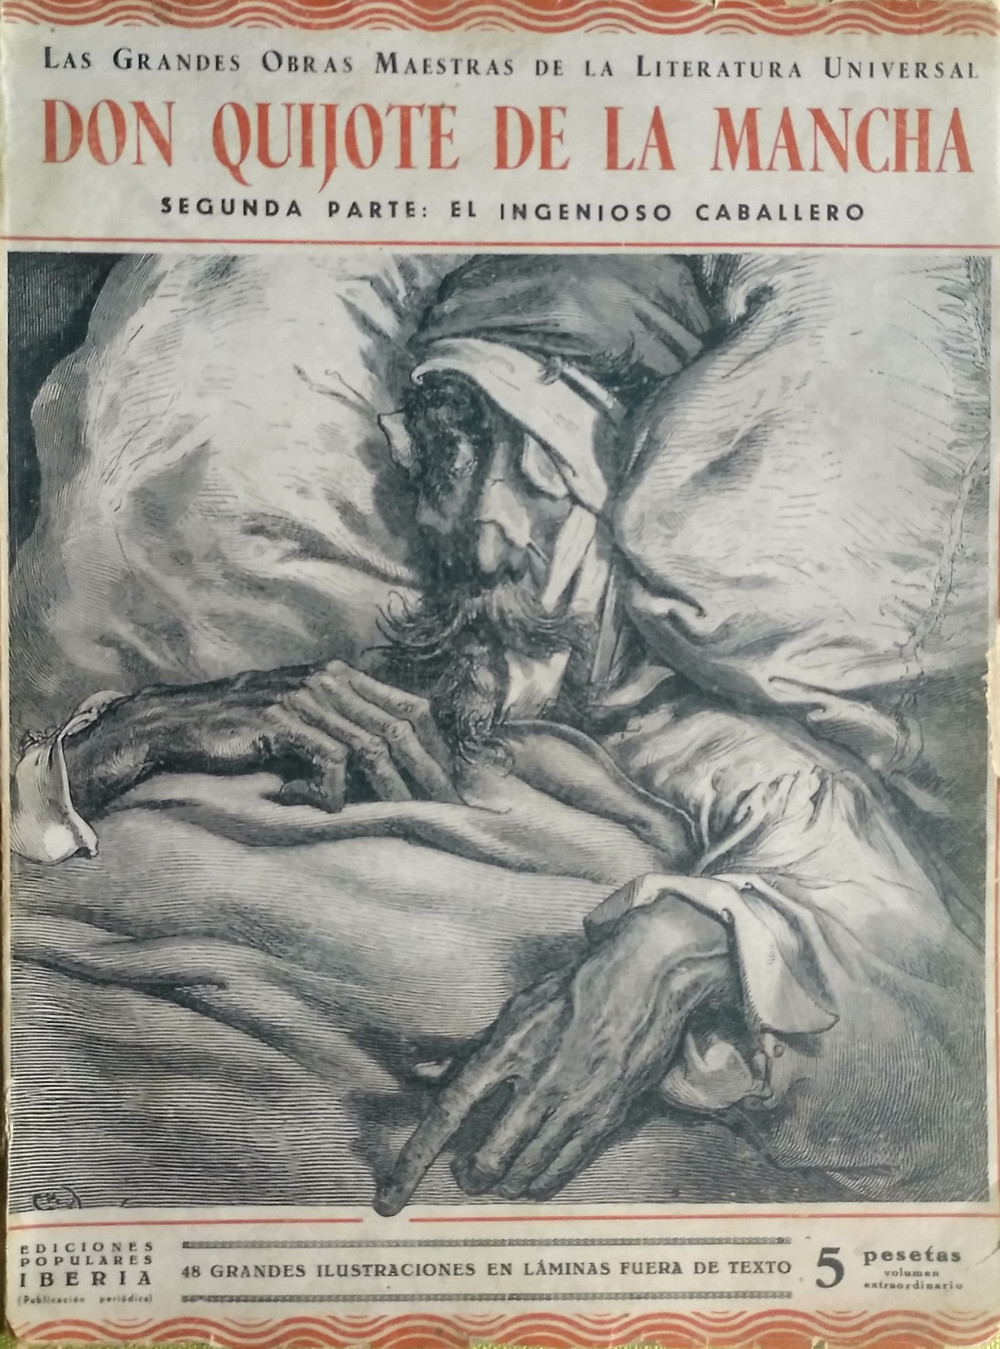 Ediciones populares Iberia. Joaquín Gil editor. Madrid. 1933. Portada de la segunda parte del Quijote.